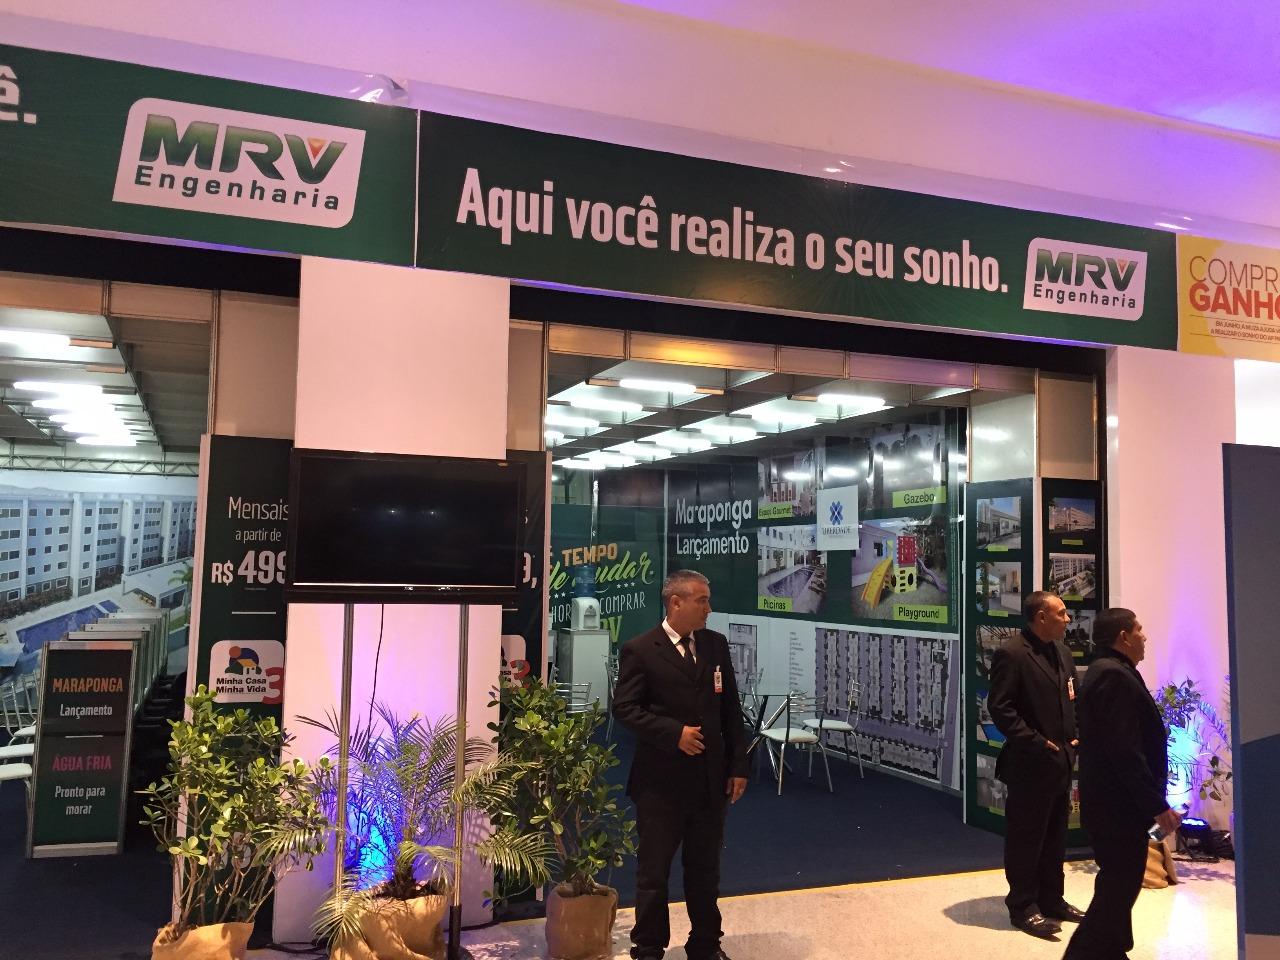 c02b59d8e9114 Entre os dias 23 e 25 de junho, a MRV Engenharia marca presença no Feirão  de Imóveis da Caixa Econômica Federal de Fortaleza, que será realizado no  shopping ...